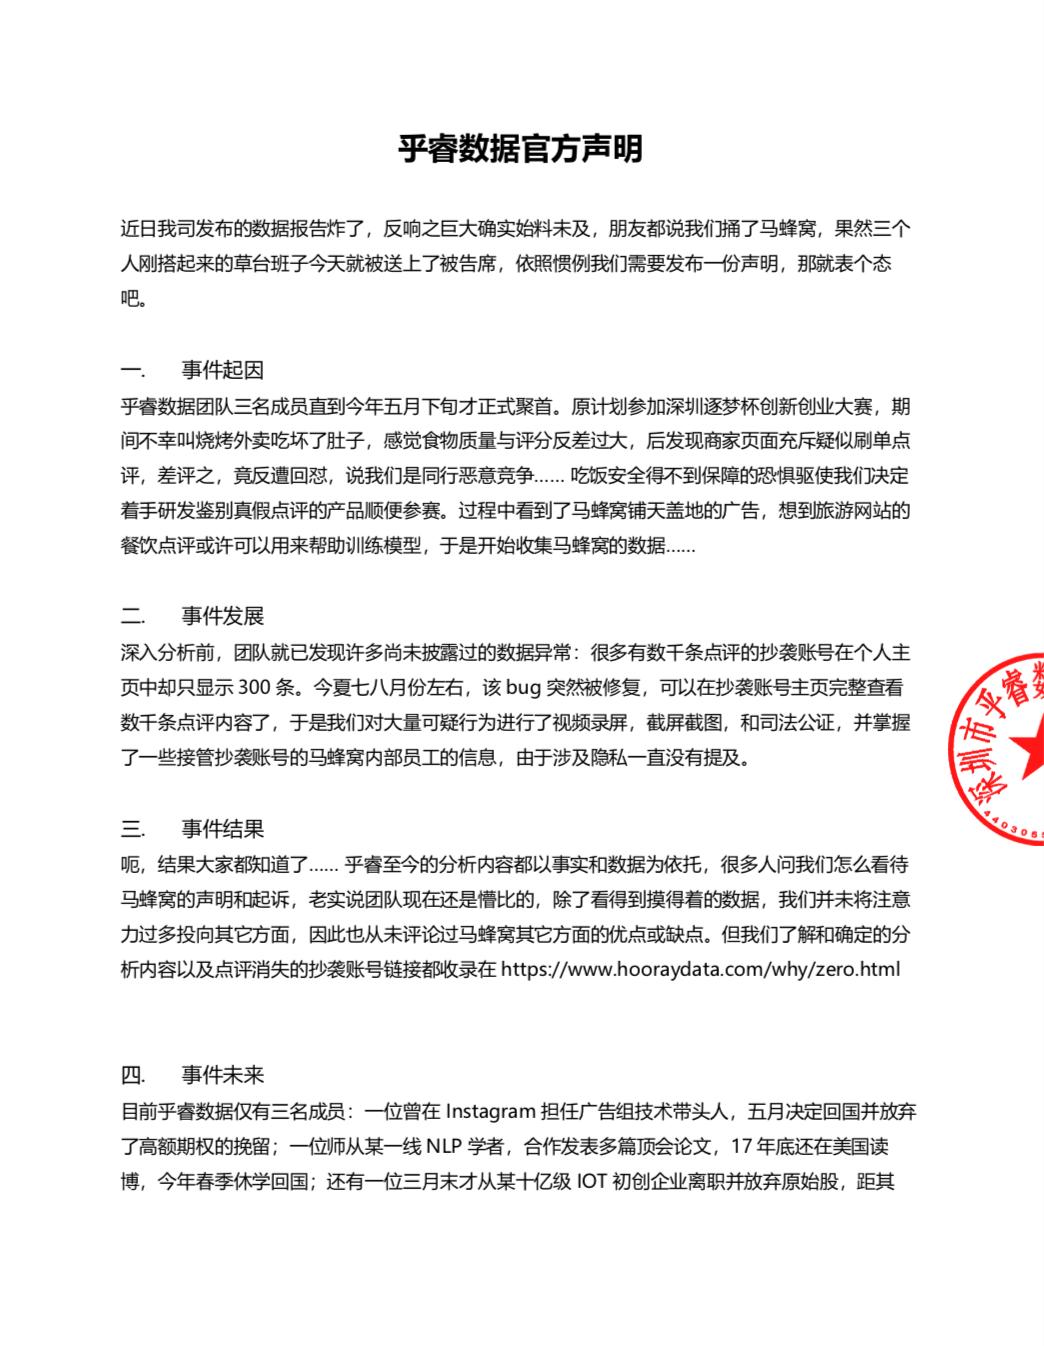 乎睿就马蜂窝起诉发表声明:已对可疑数据司法公正